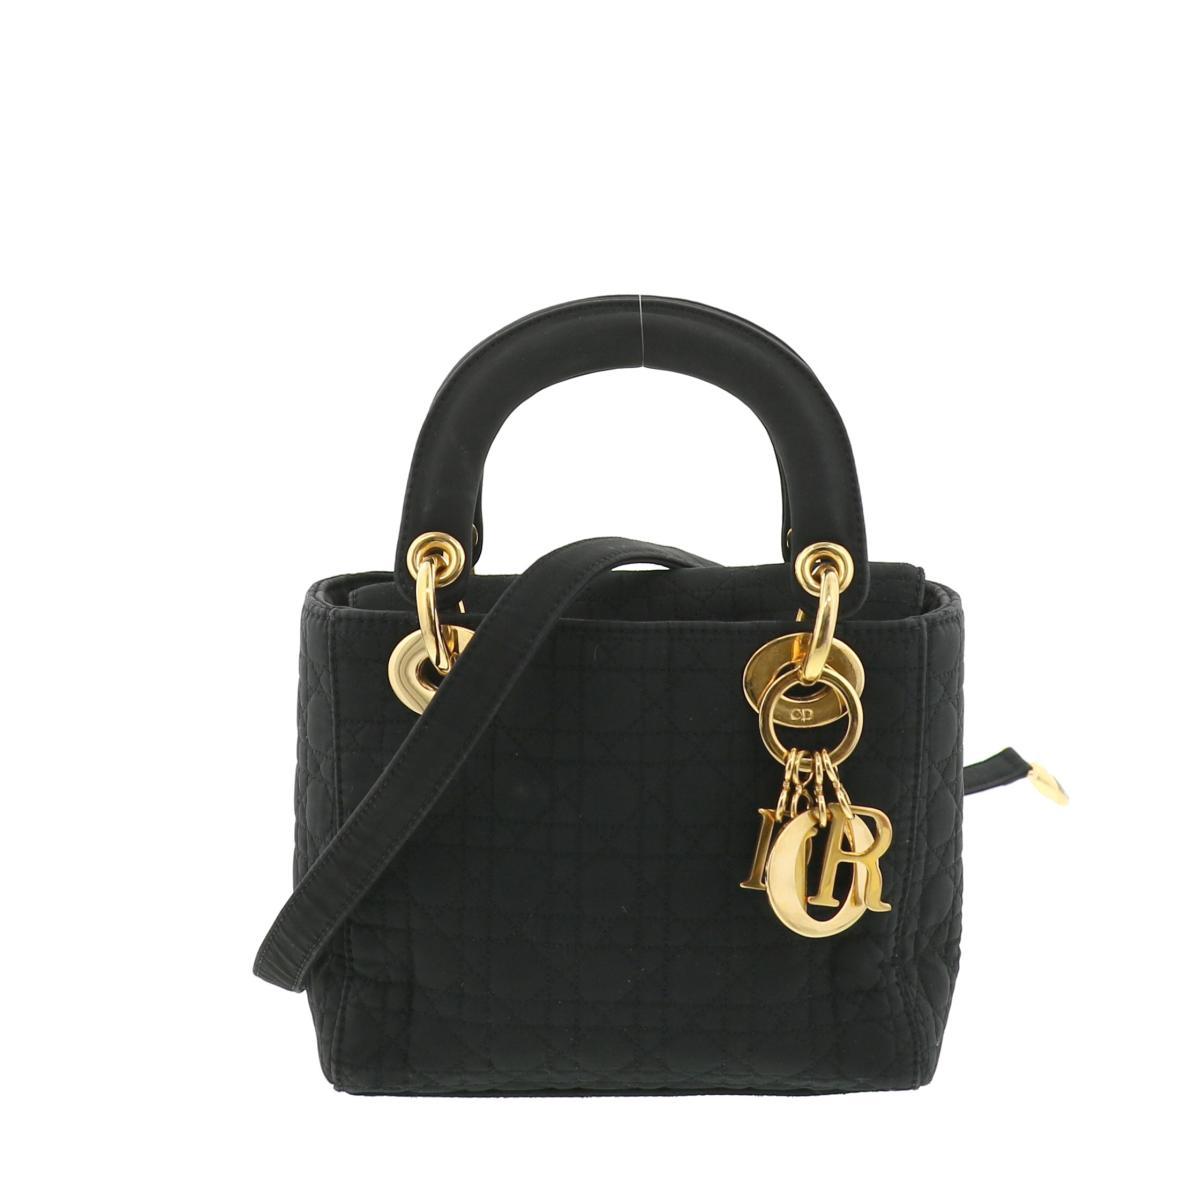 【中古】Christian Dior (クリスチャンディオール) レディディオール カナージュ ミニ 2WAY ハンド バッグ ハンドバッグ Black/ブラック used:B